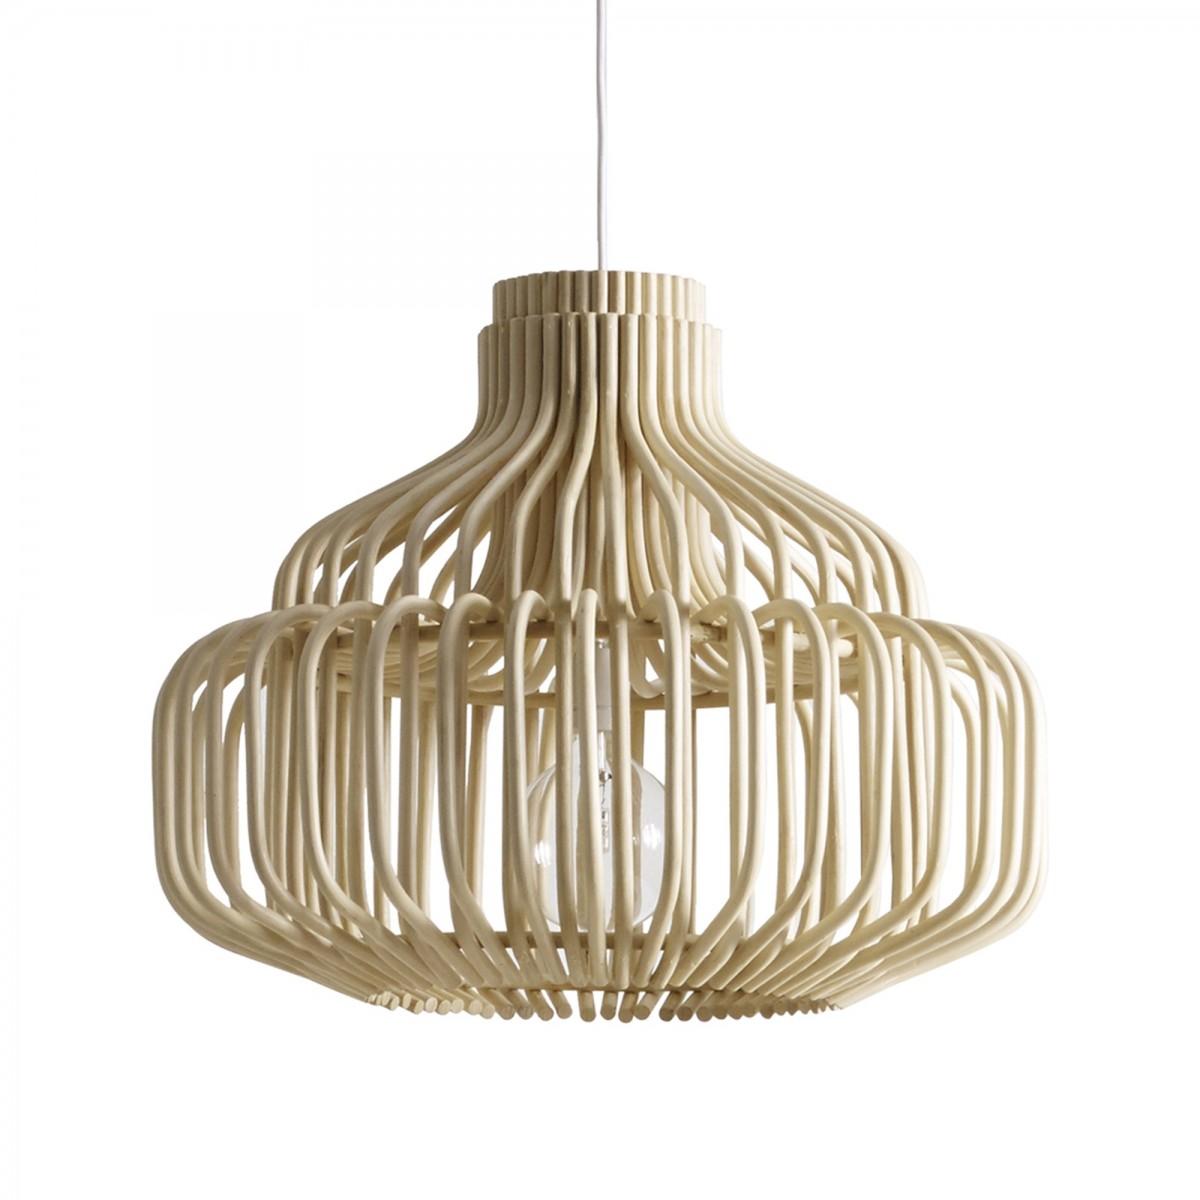 endless pendant light vincent sheppard. Black Bedroom Furniture Sets. Home Design Ideas